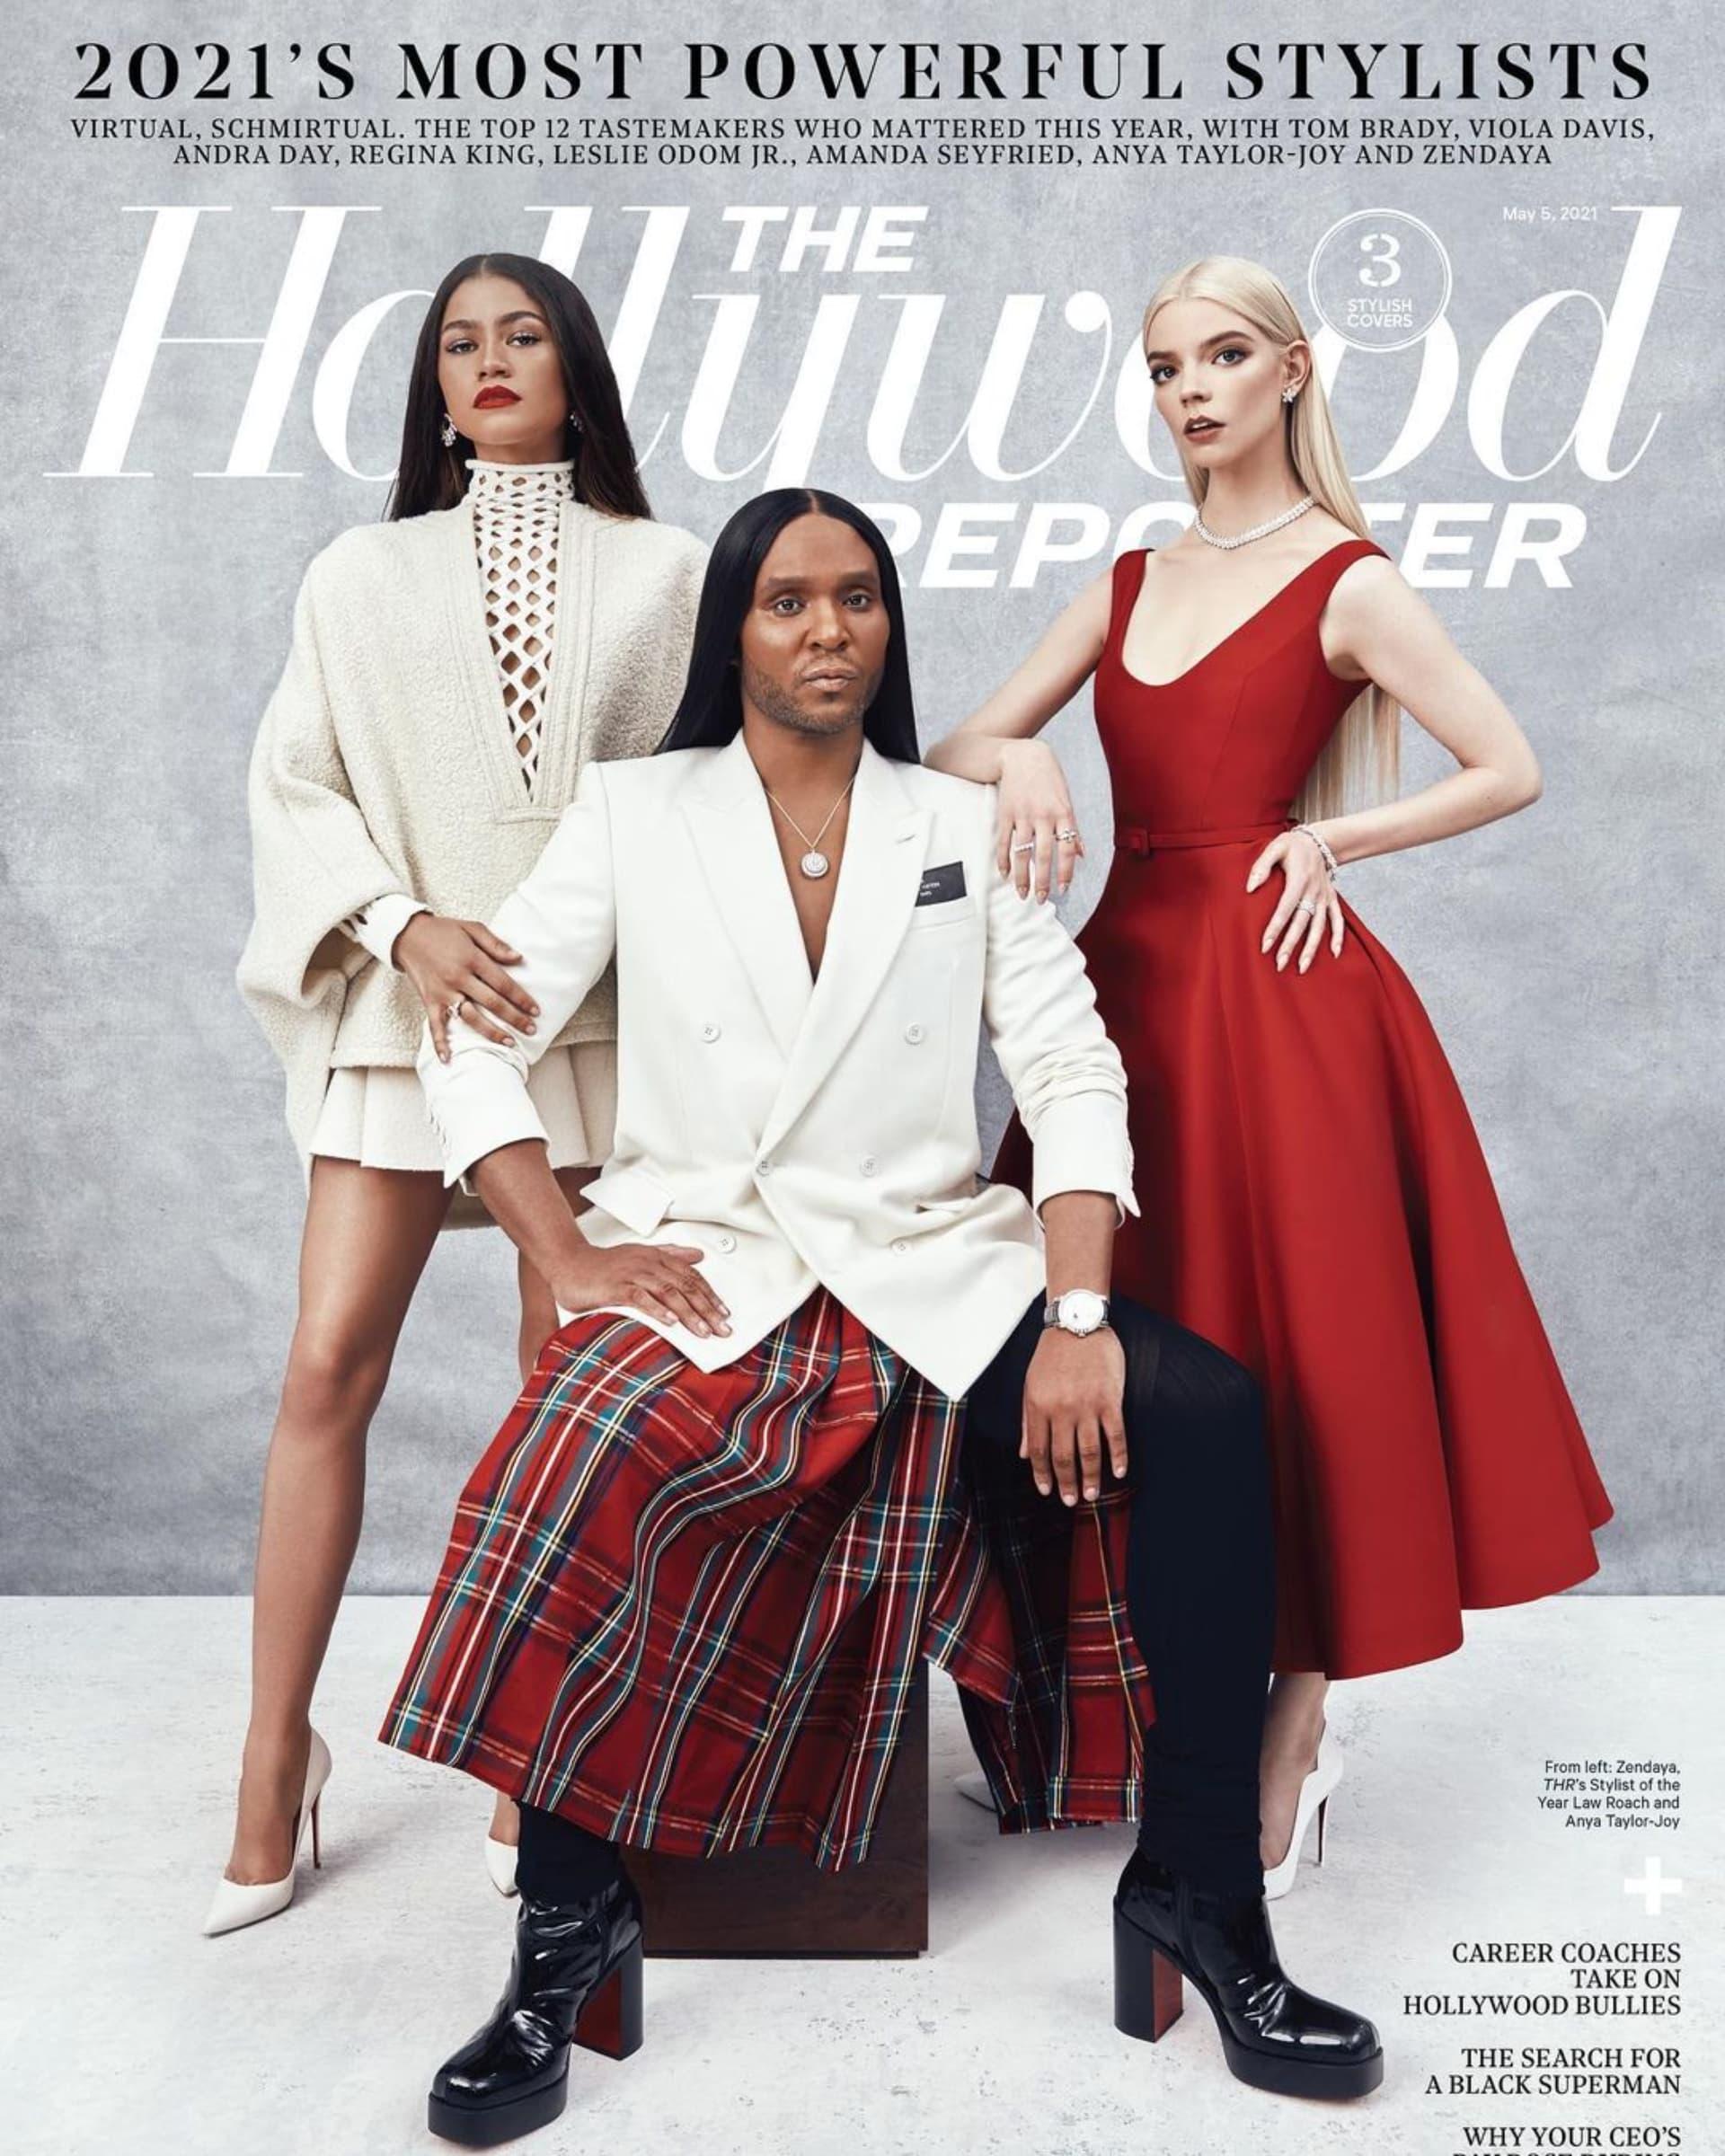 ¿Quién es el estilista detrás de los actores de Hollywood? Law Roach